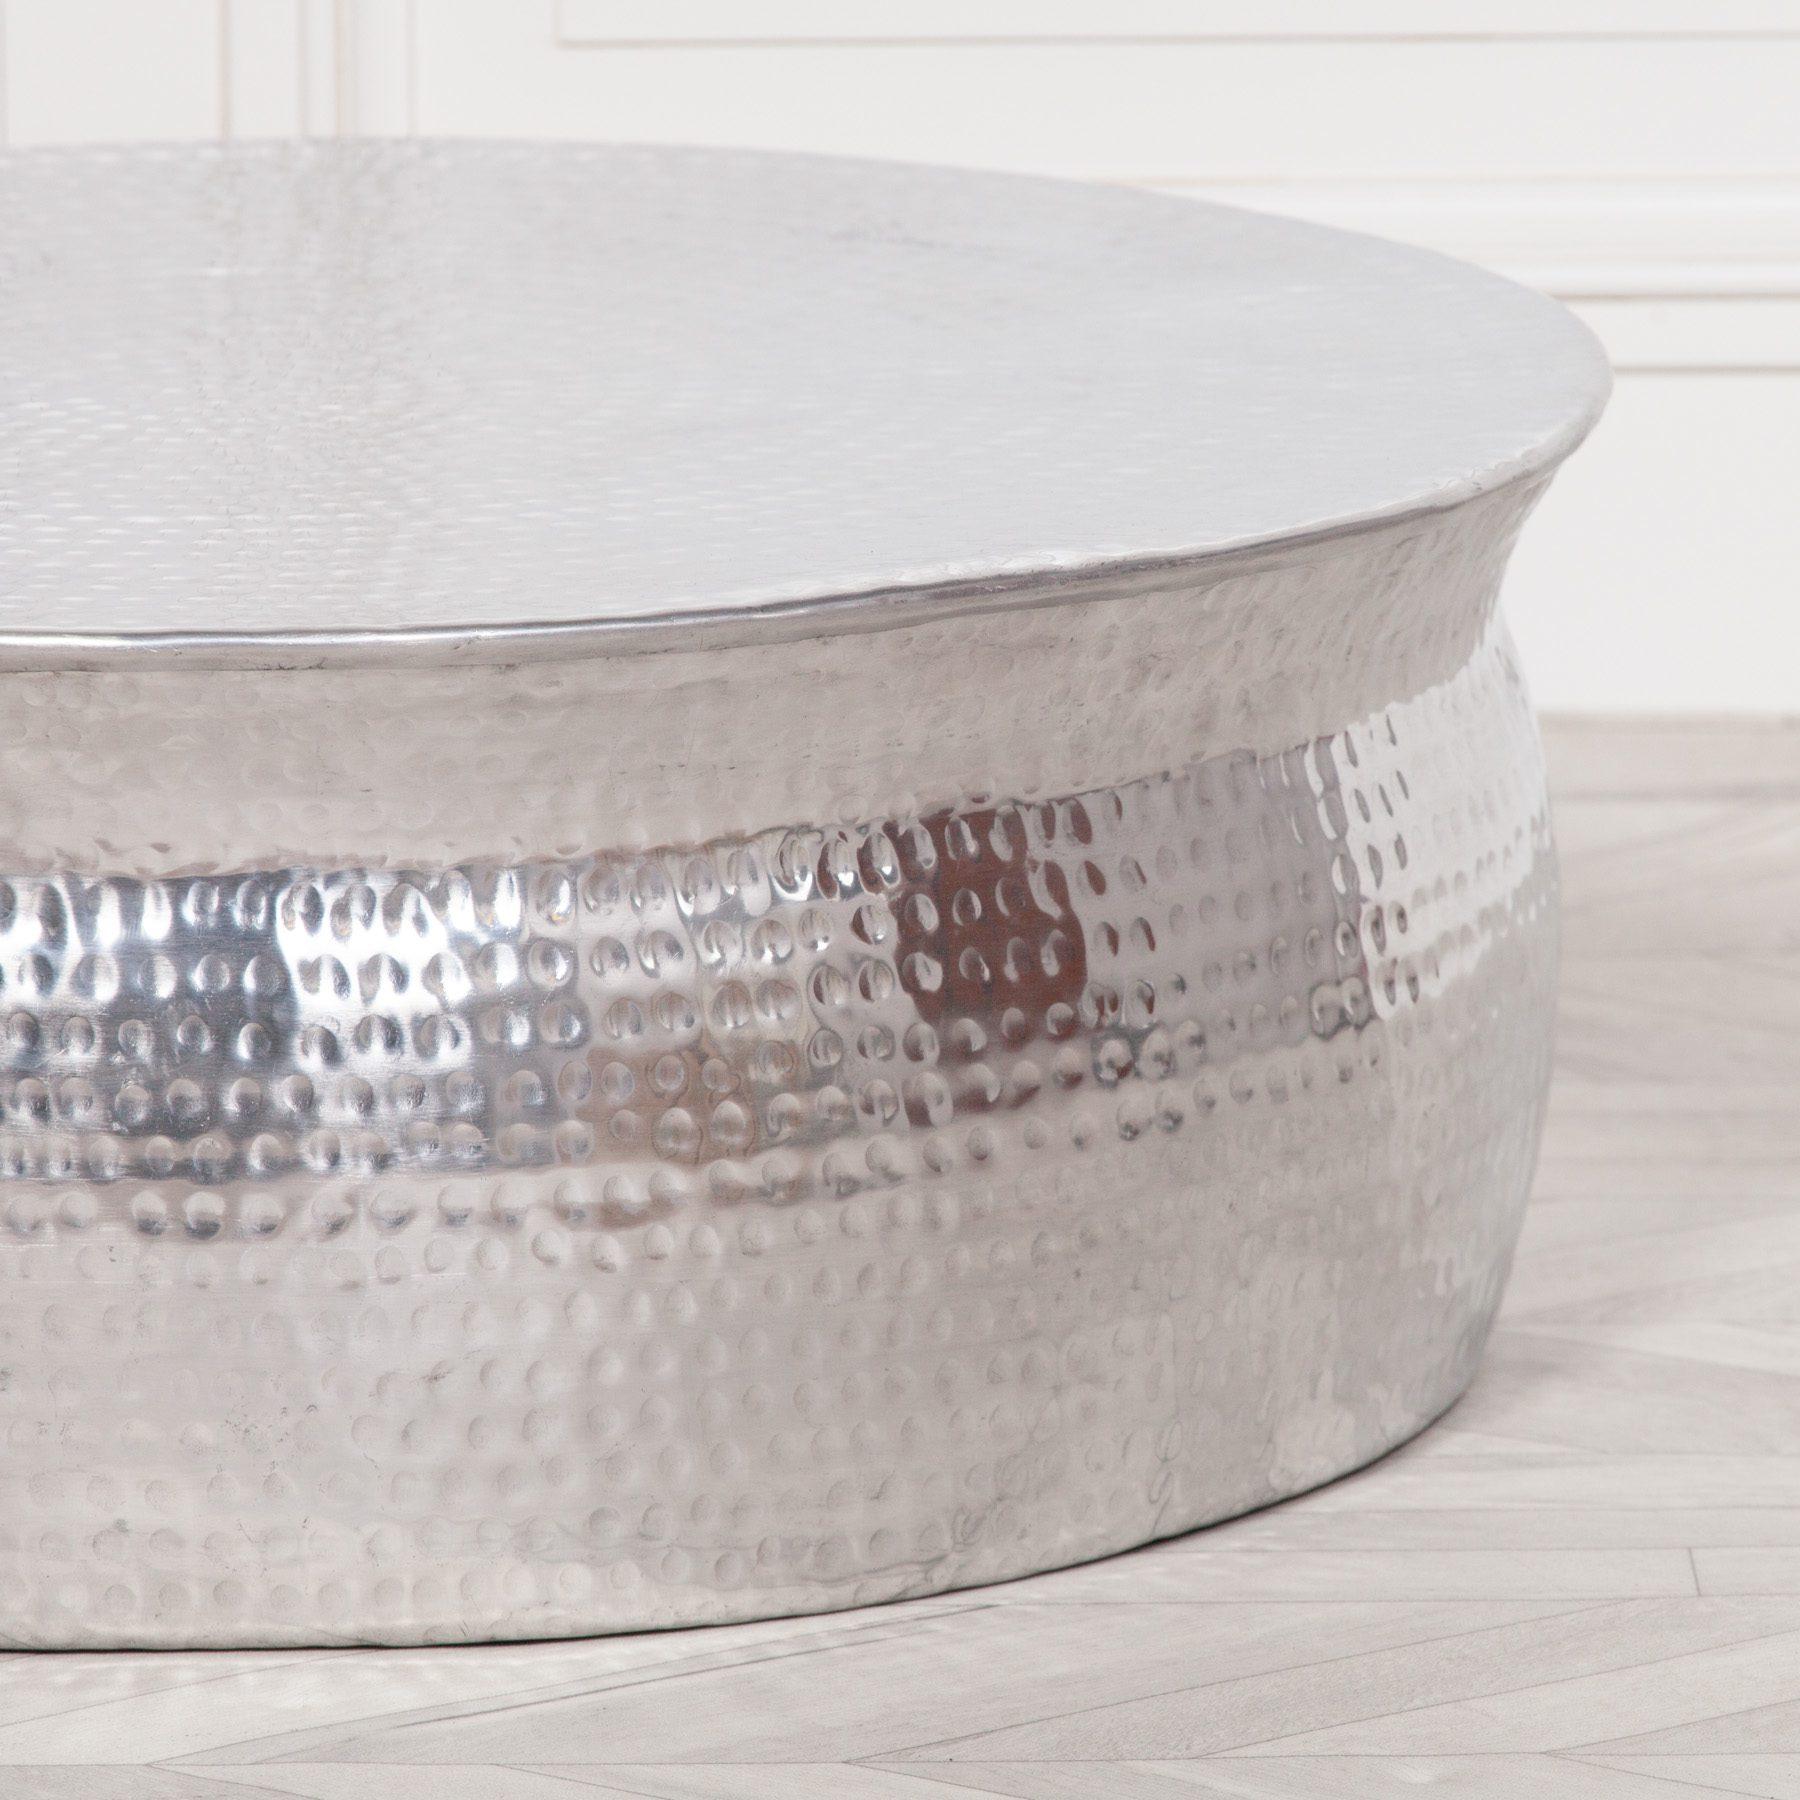 Aluminium Round Coffee Table